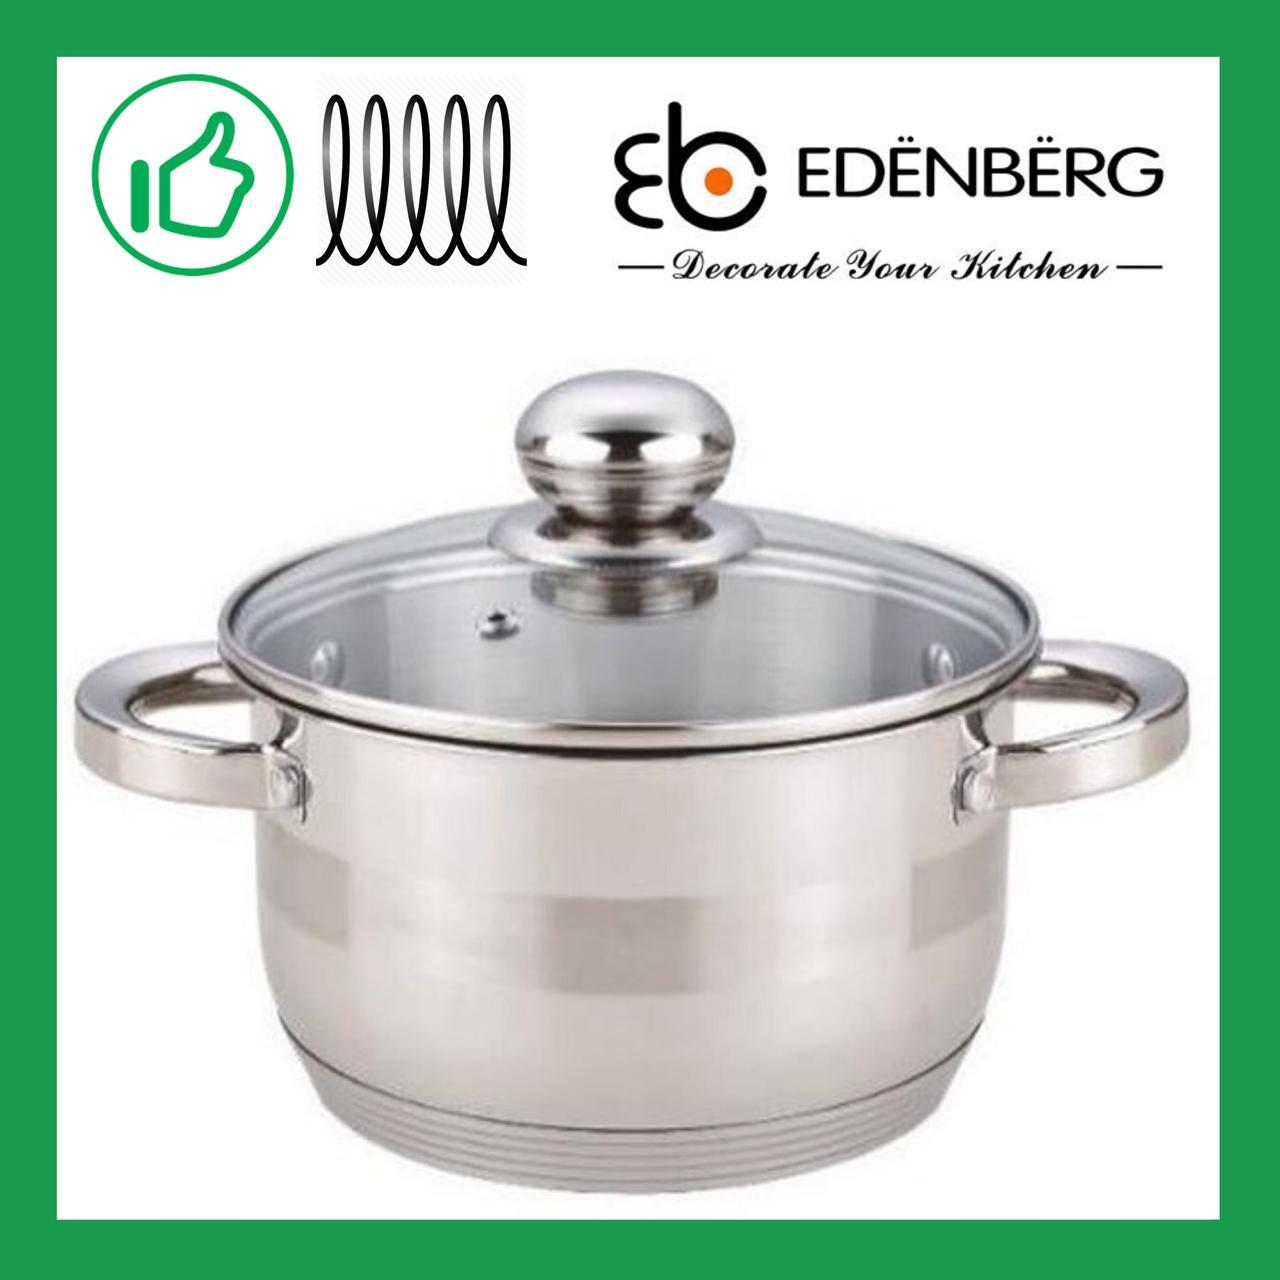 Кастрюля 1.0 л из нержавеющей стали с крышкой Edenberg (EB-3002)